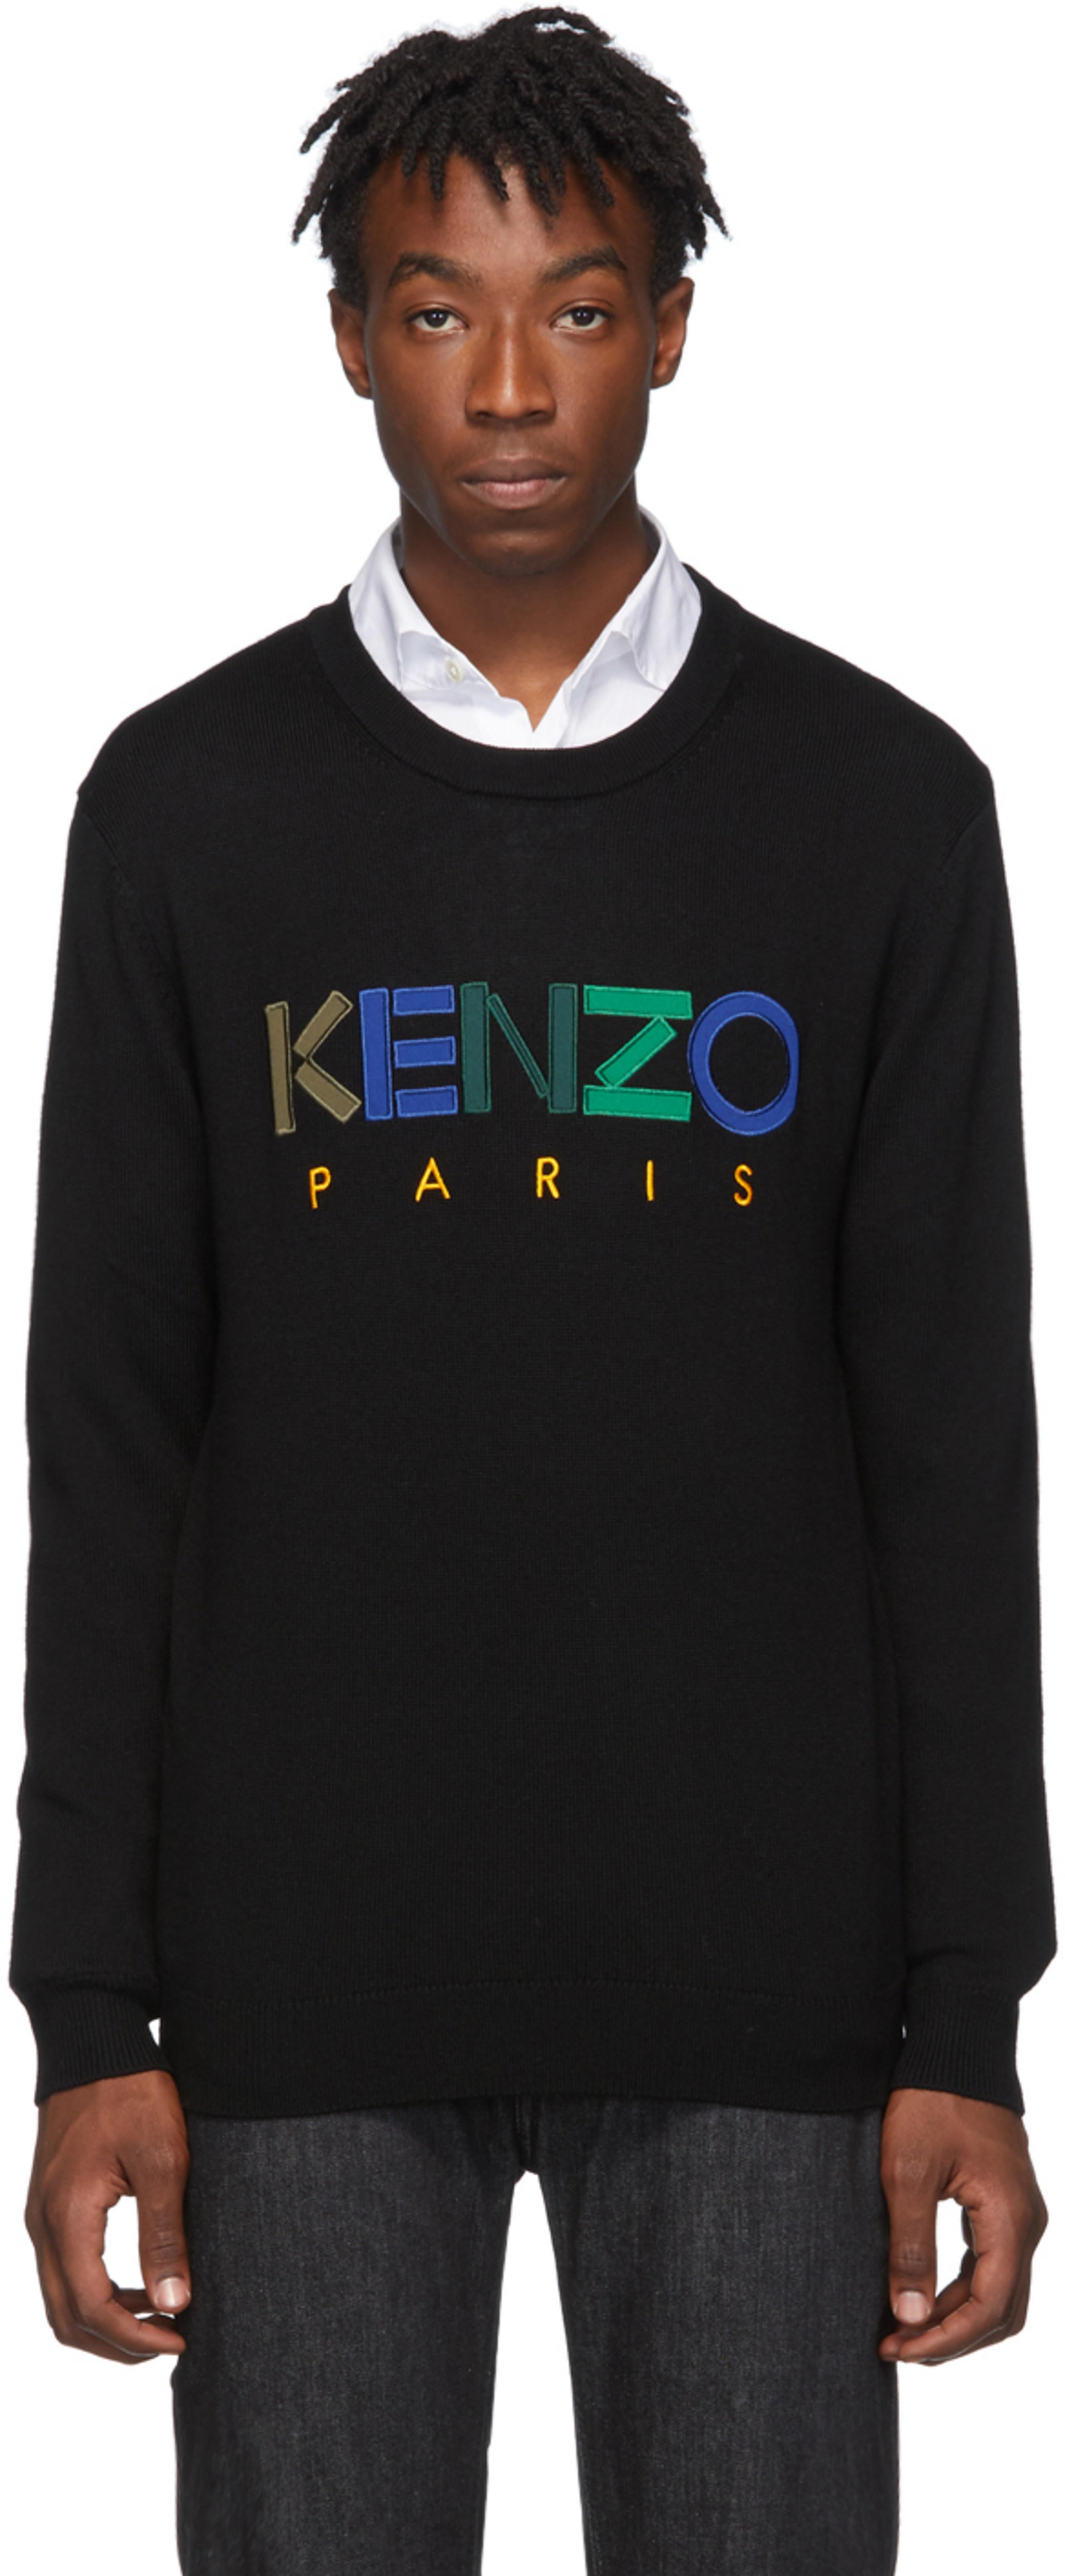 Noir En 'kenzo Paris' Laine Pull Pk0wX8nO